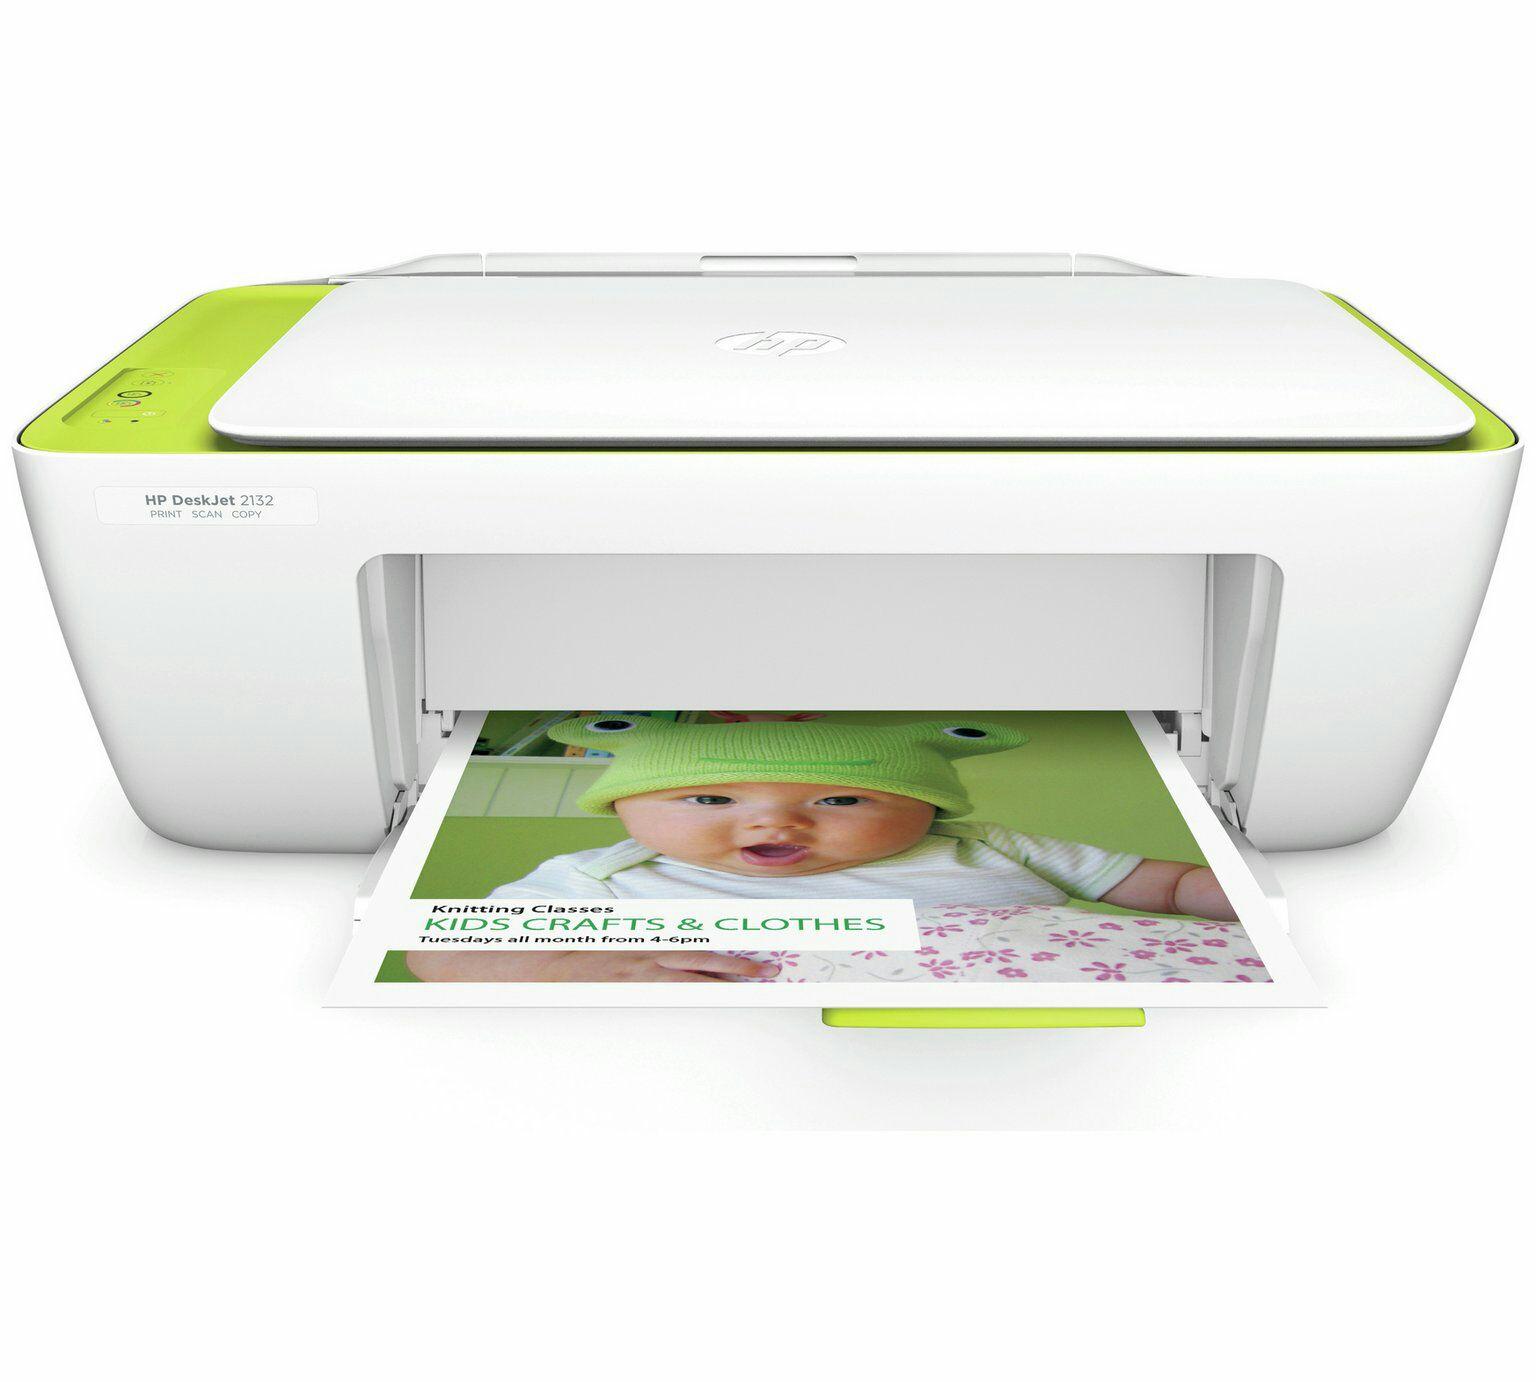 HP Deskjet 2132 All-in-One Printer £14.99 @ Argos